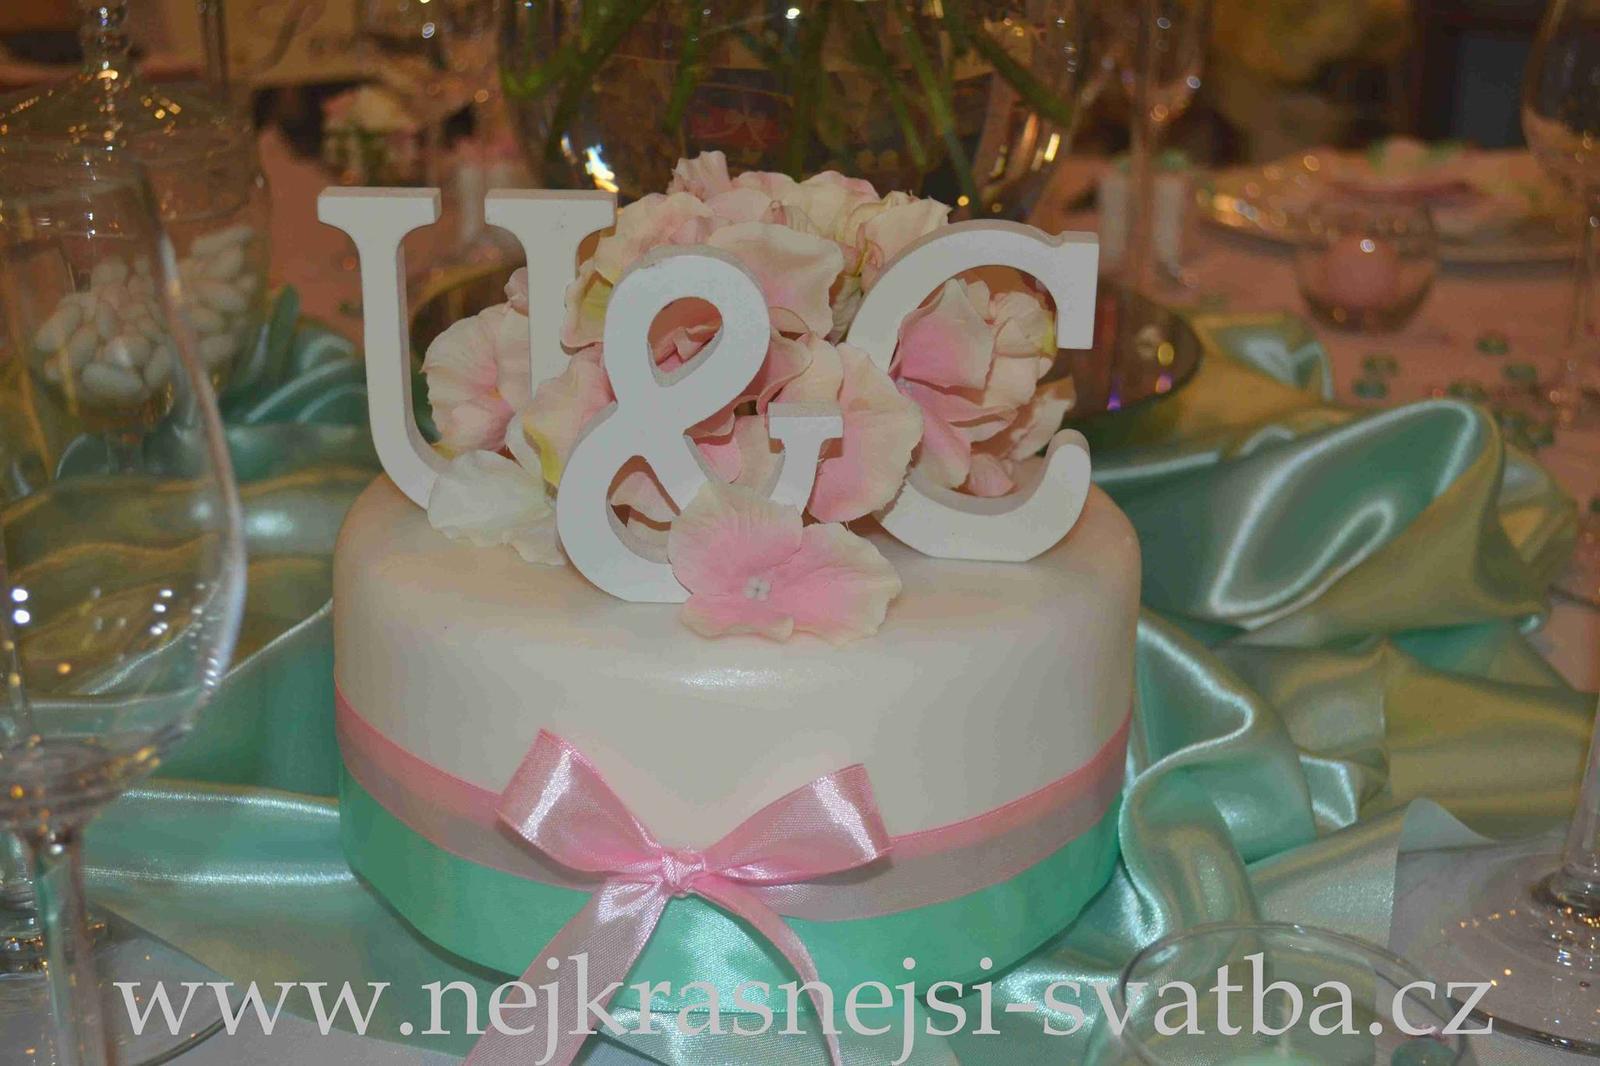 Nejkrásnější svatba - Mint a růžová výzdoba na kulatých stolech